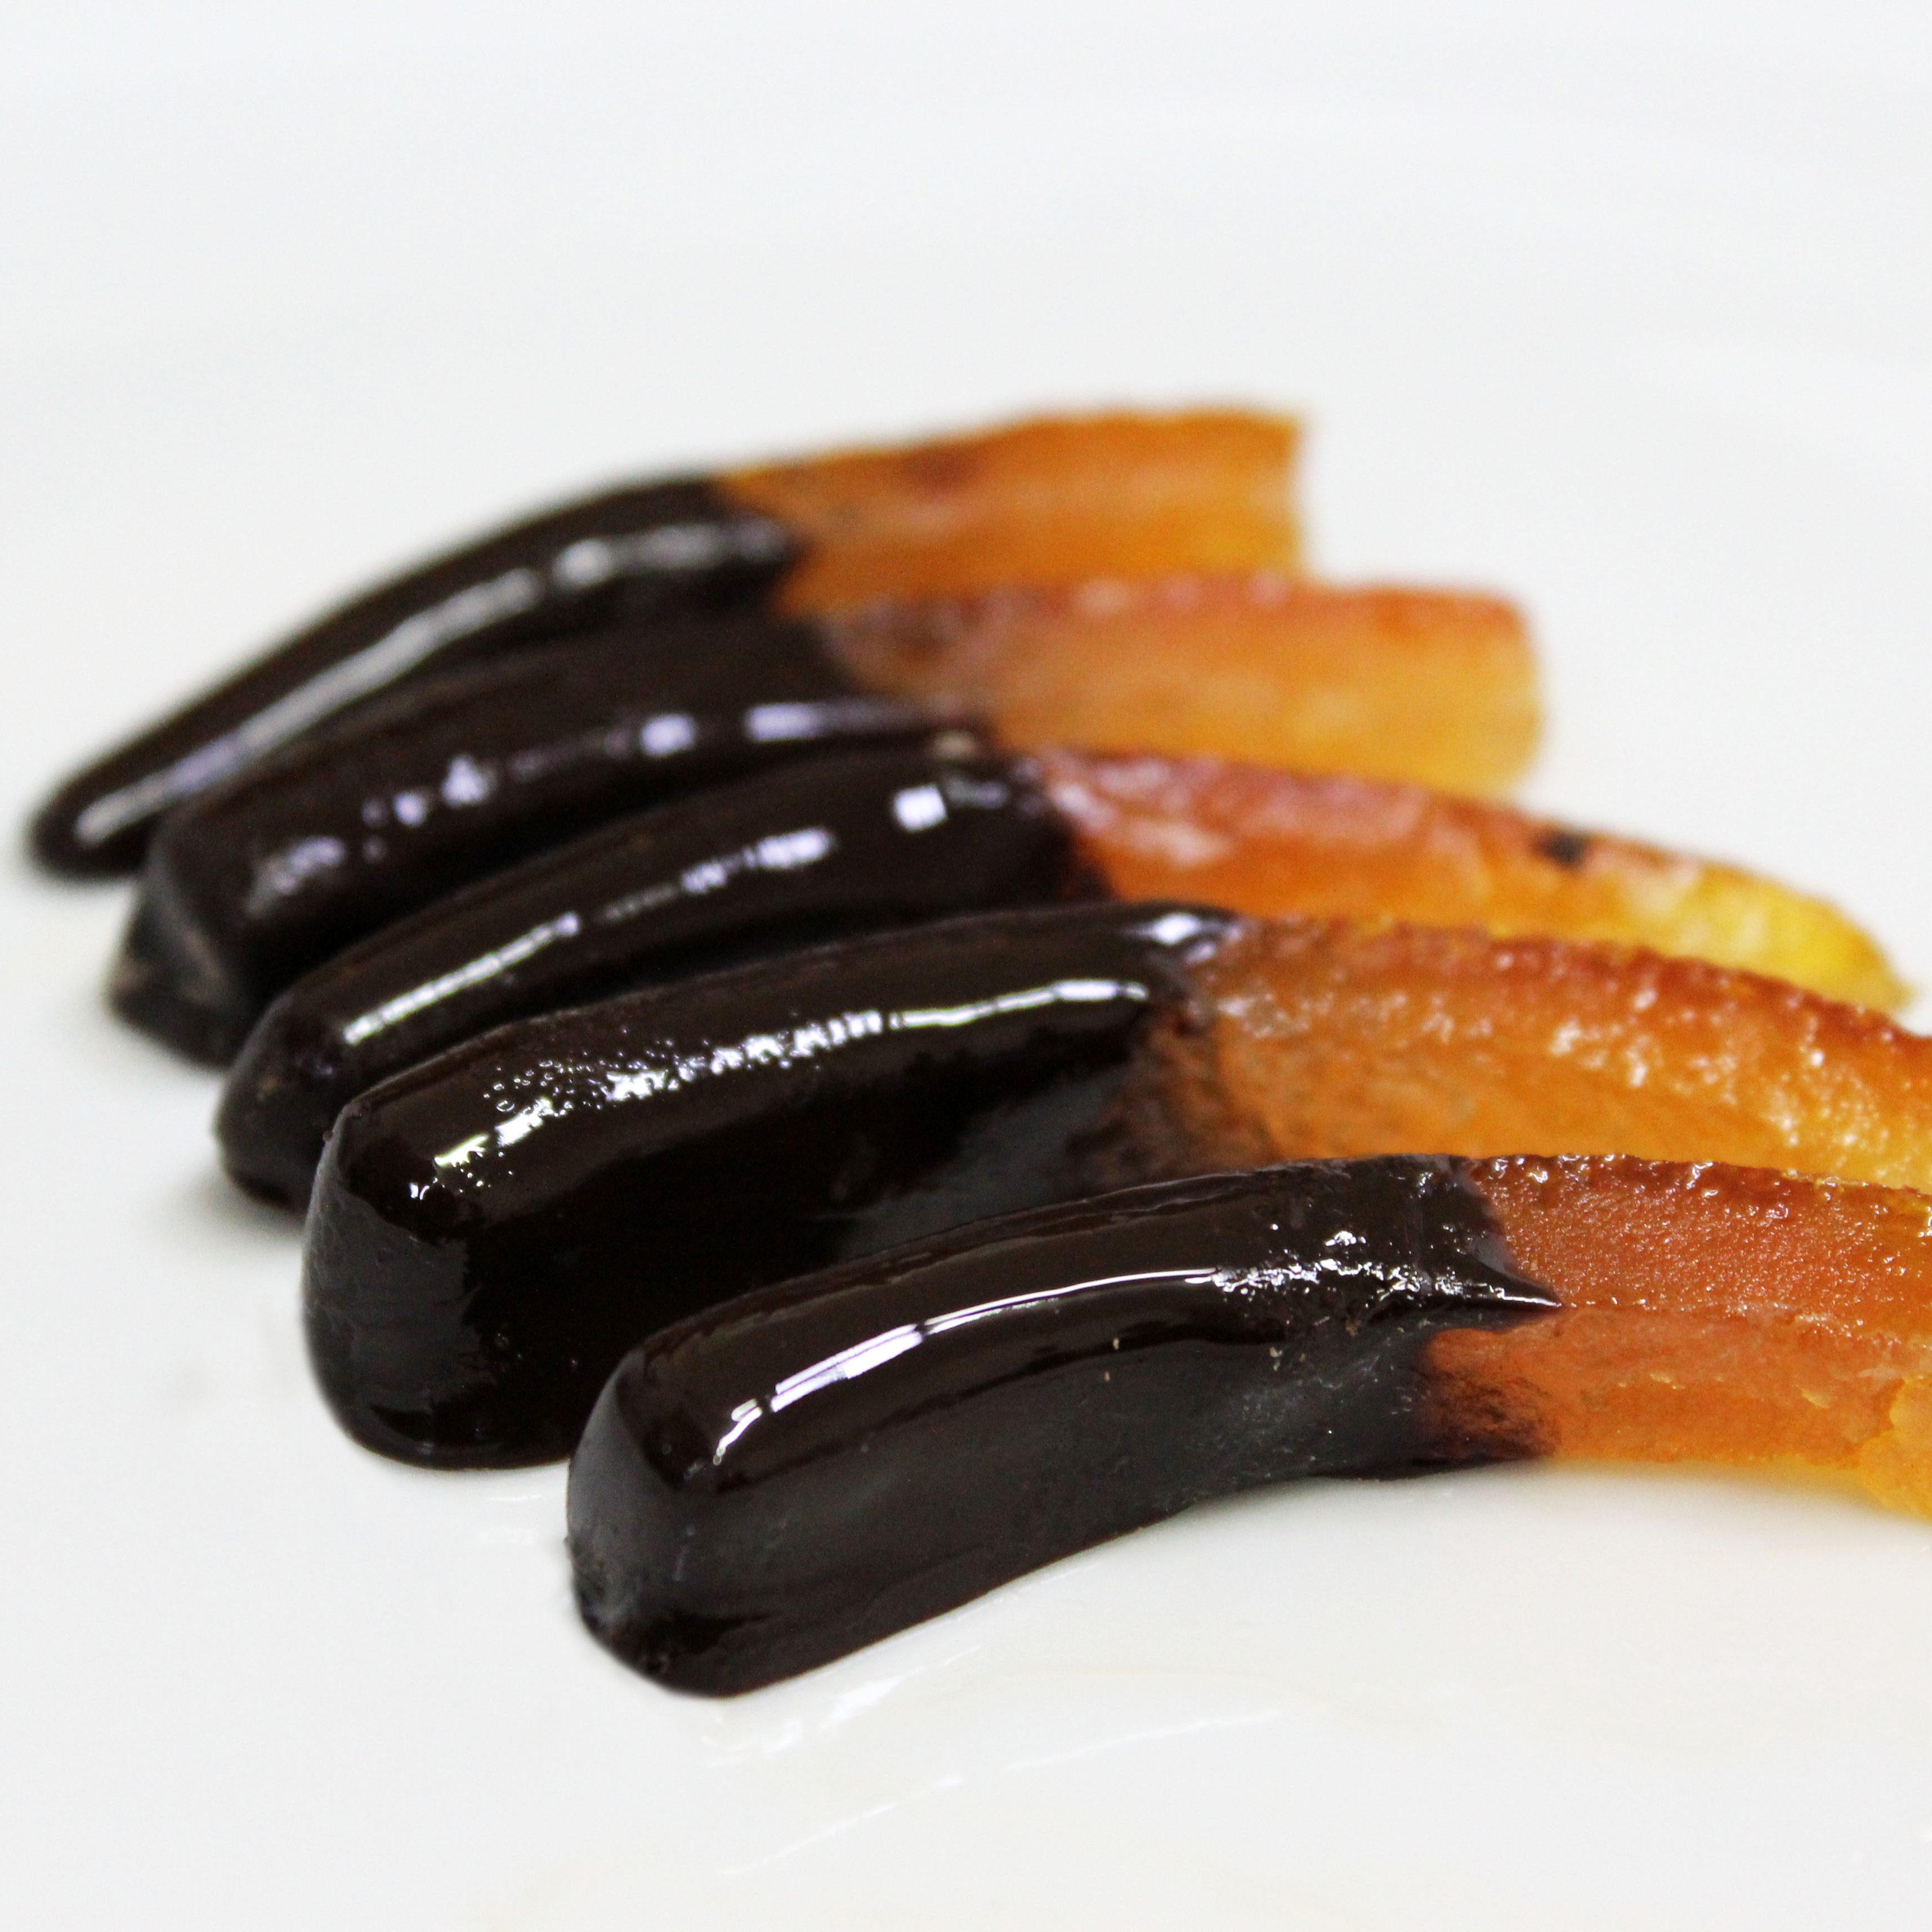 Scorzette di arance candite al cioccolato